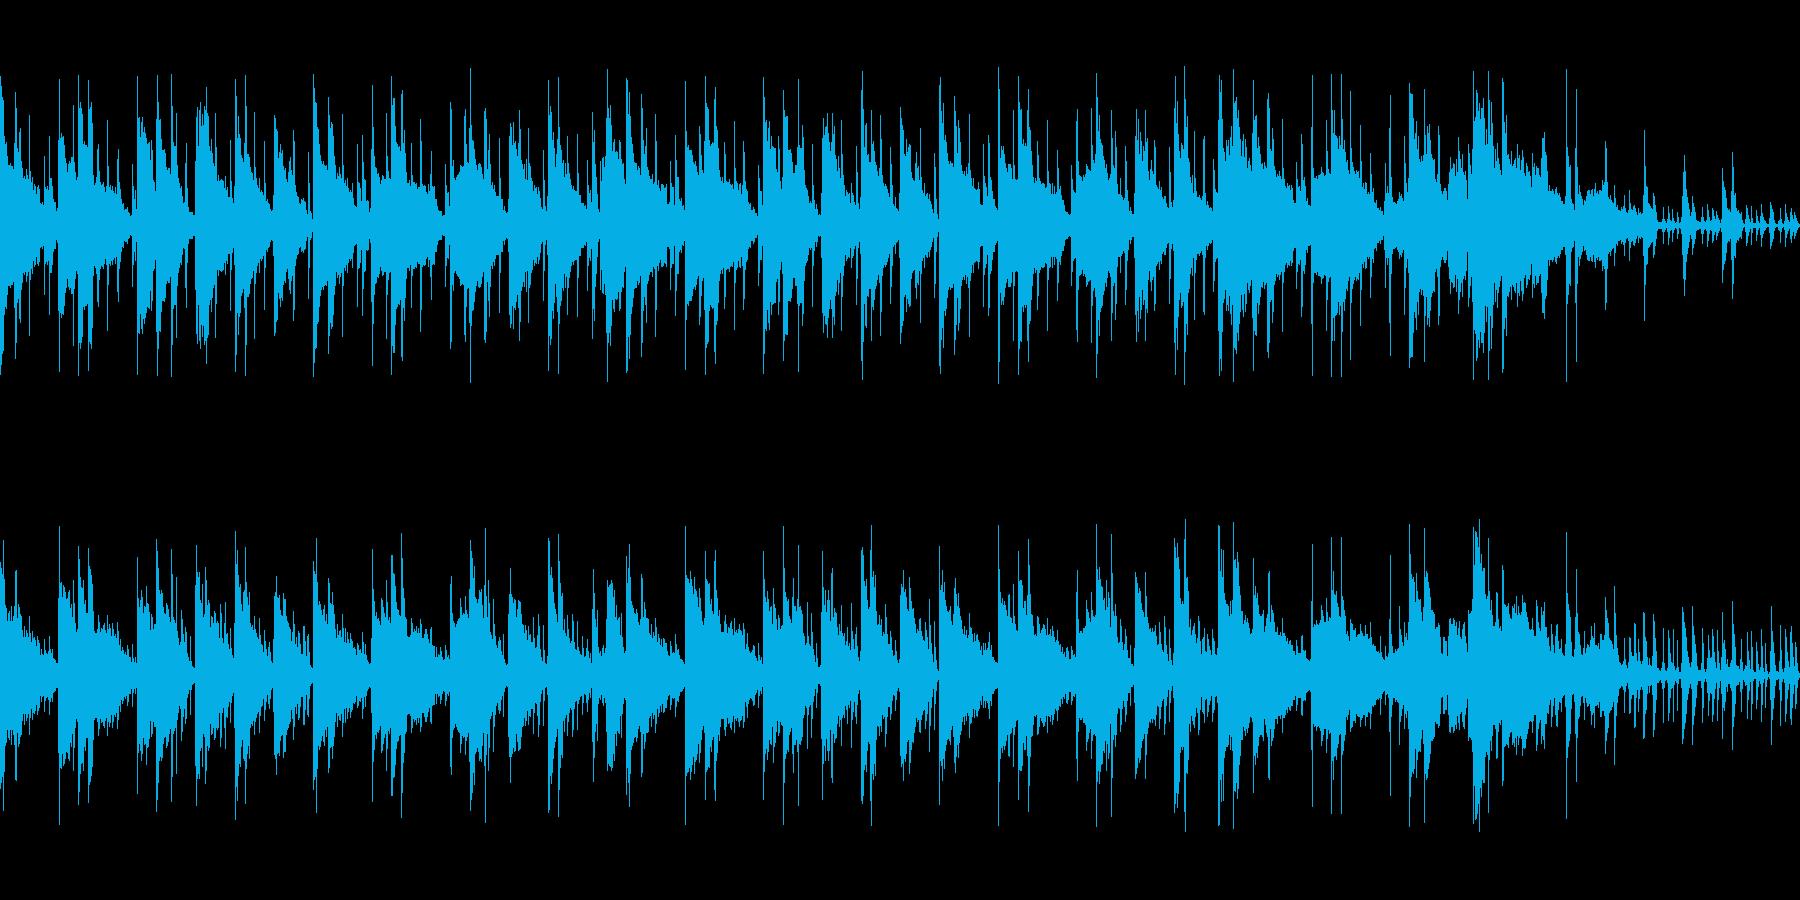 ニュース番組のバックで流れてそうなBGMの再生済みの波形